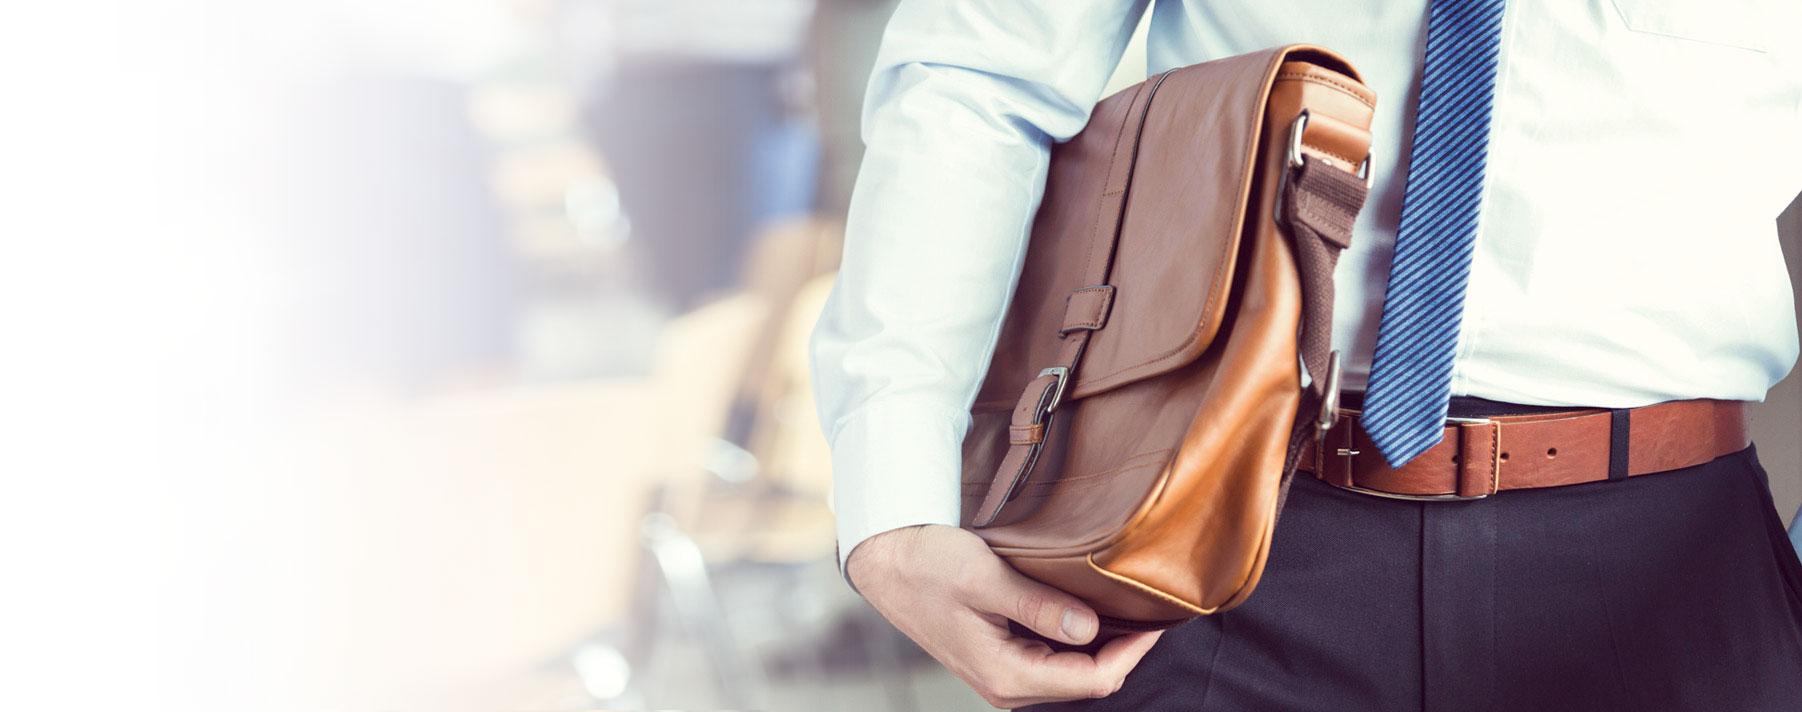 [FOTOS] Mochilas, bolsos y morrales: ¿cómo elegir según el uso?